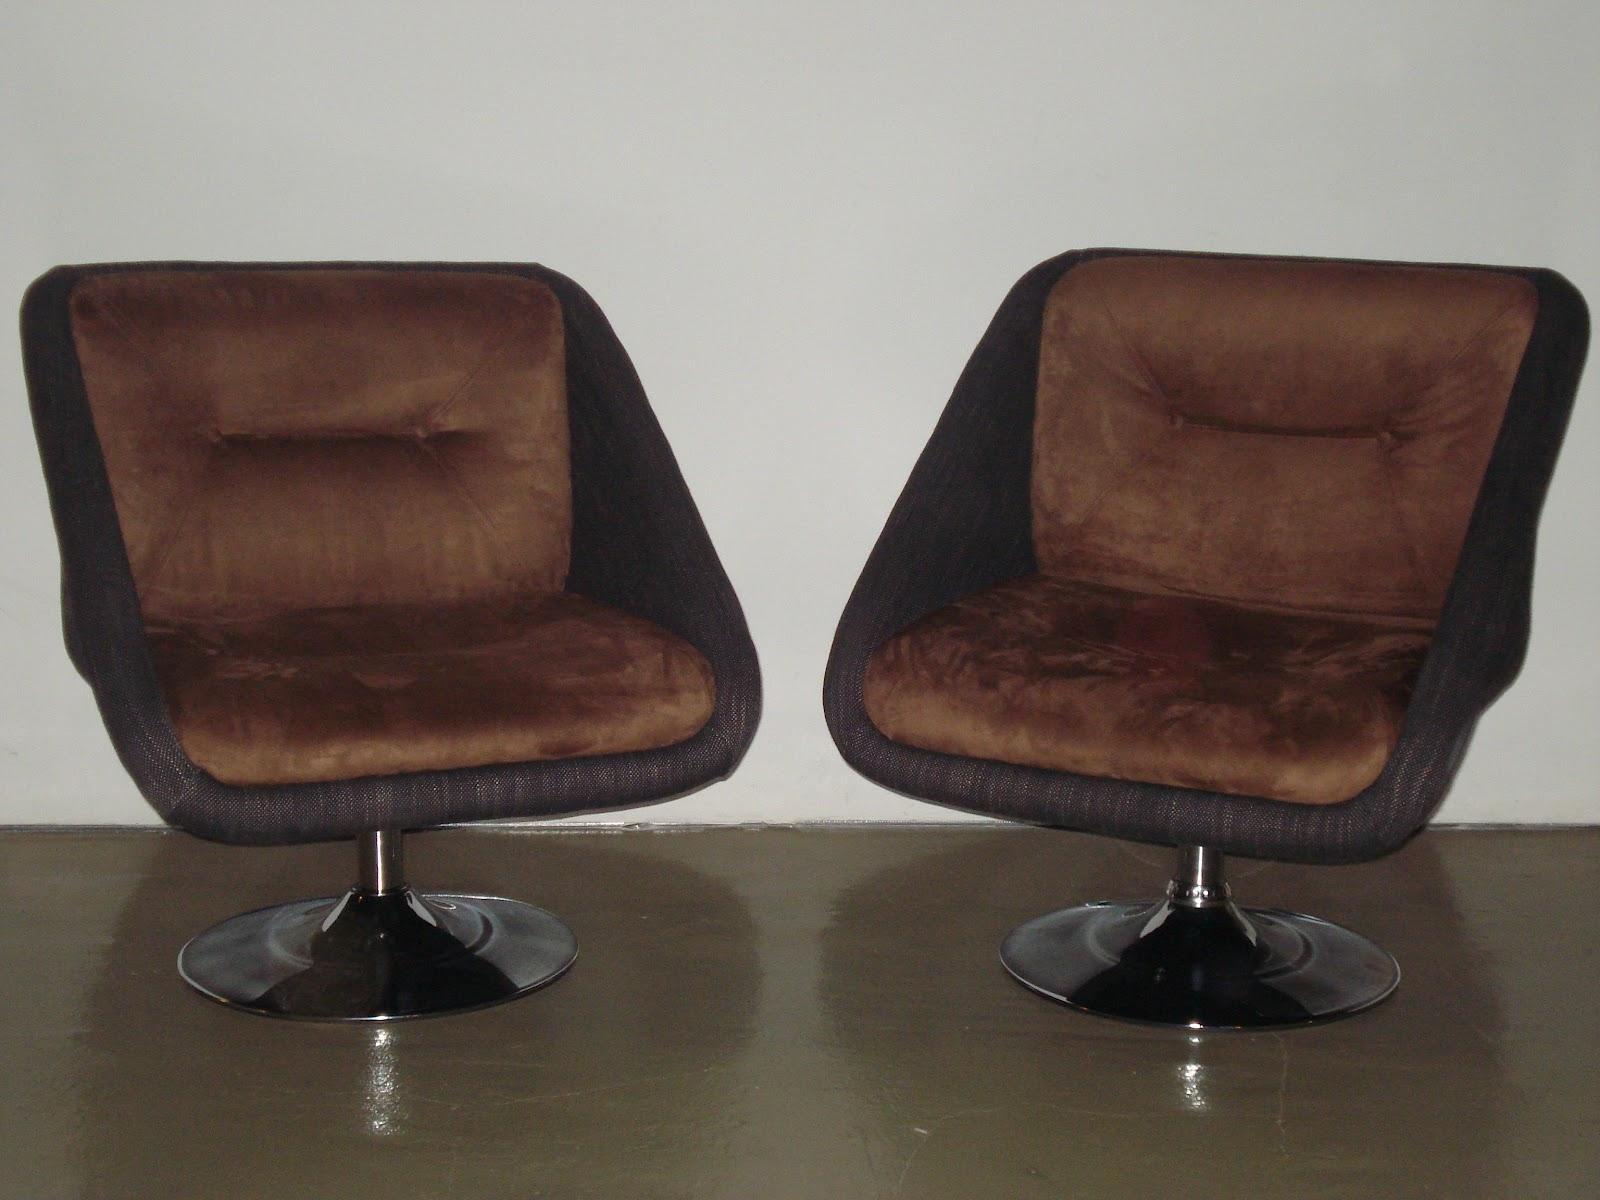 Chochiloca reciclado de muebles par sillones oficina for Reciclado de muebles